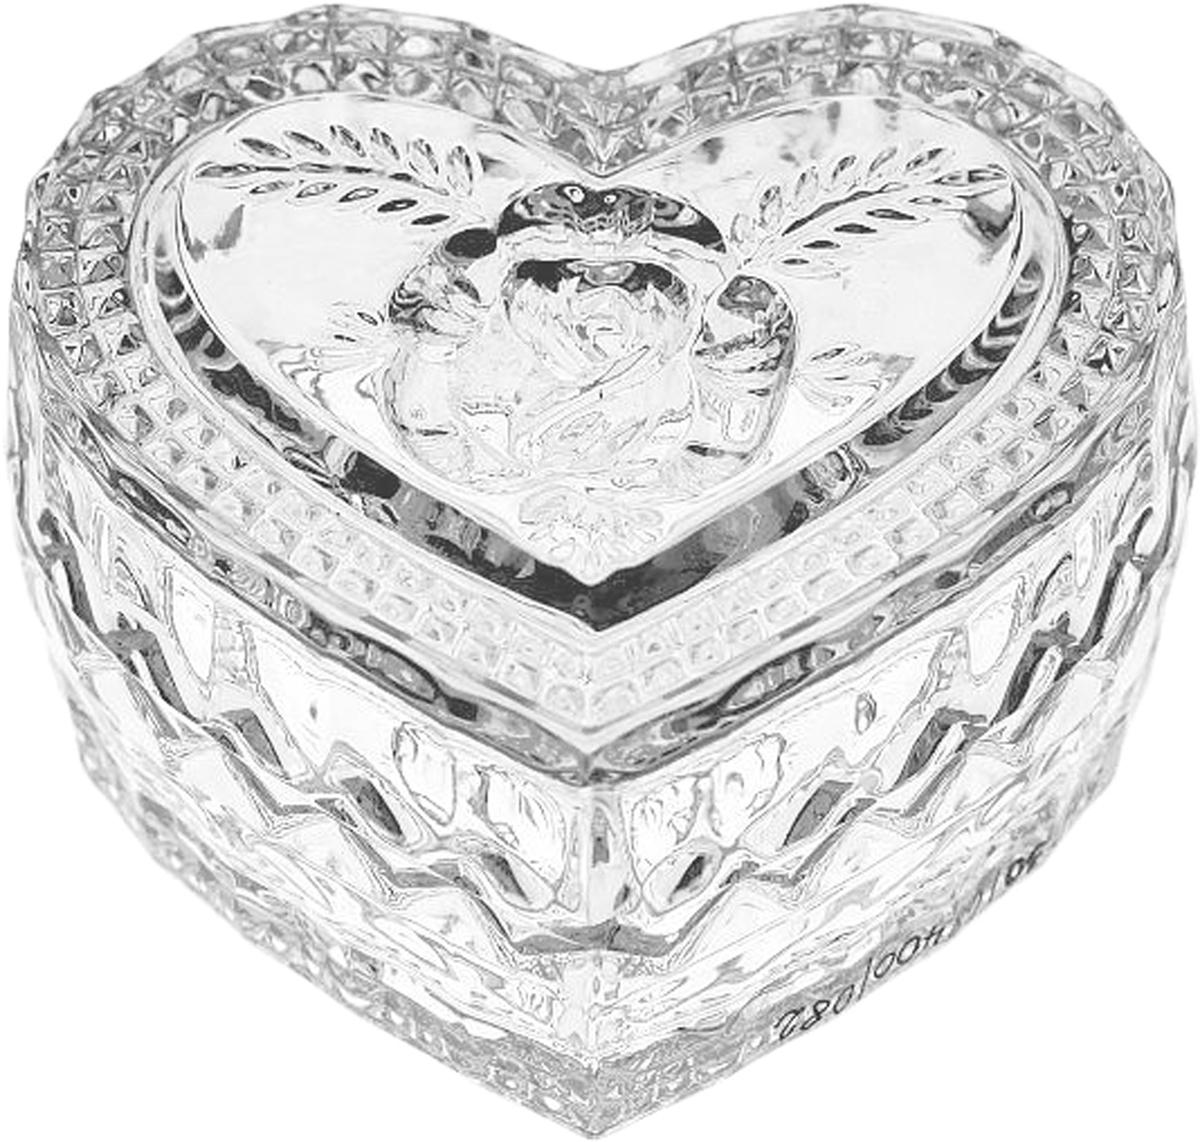 Менажница Crystal Bohemia Сердце, 8,2 см. БПХ171115510Настоящий чешский хрусталь с содержанием оксида свинца 24%, что придает изделиям поразительную прозрачность и чистоту, невероятный блеск, присущий только ювелирным изделиям, особое, ни с чем не сравнимое светопреломление и игру всеми красками спектра как при естественном, так и при искуственном освещении. Продукция из Хрусталя соответствуют всем европейским и российским стандартам качества и безопасности. Традиции чешских мастеров передаются из поколения в поколение. А высокая художаственная ценность иделий признана искушенными ценителями во всем мире. Продукция из Хрусталя соответствуют всем европейским и российским стандартам качества и безопасности.